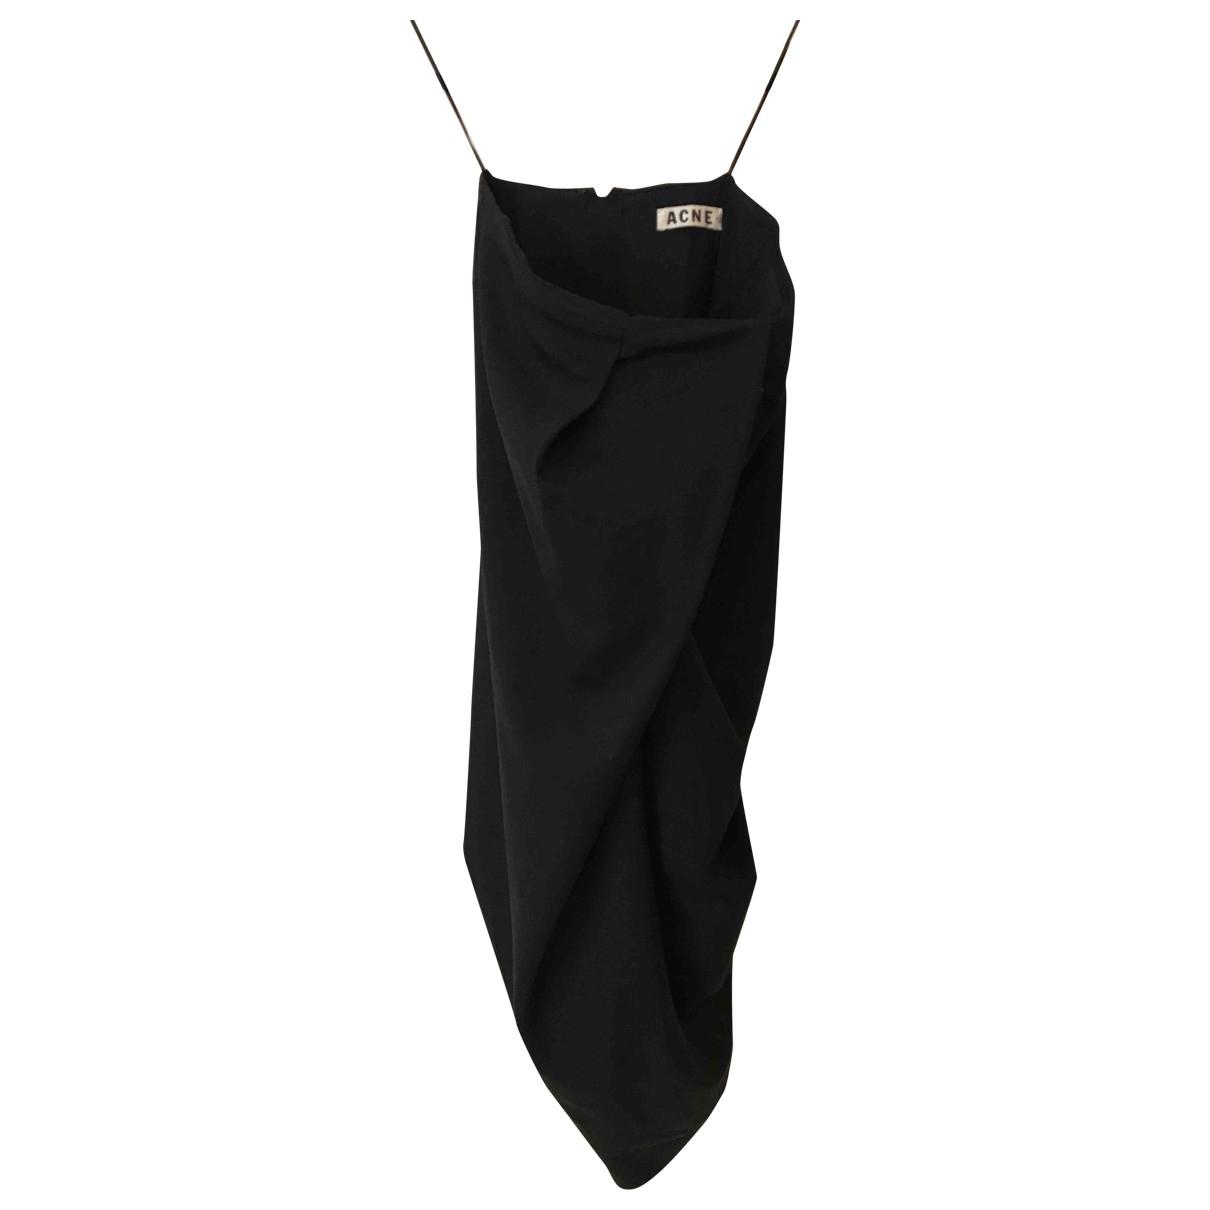 Acne Studios - Robe   pour femme en laine - noir